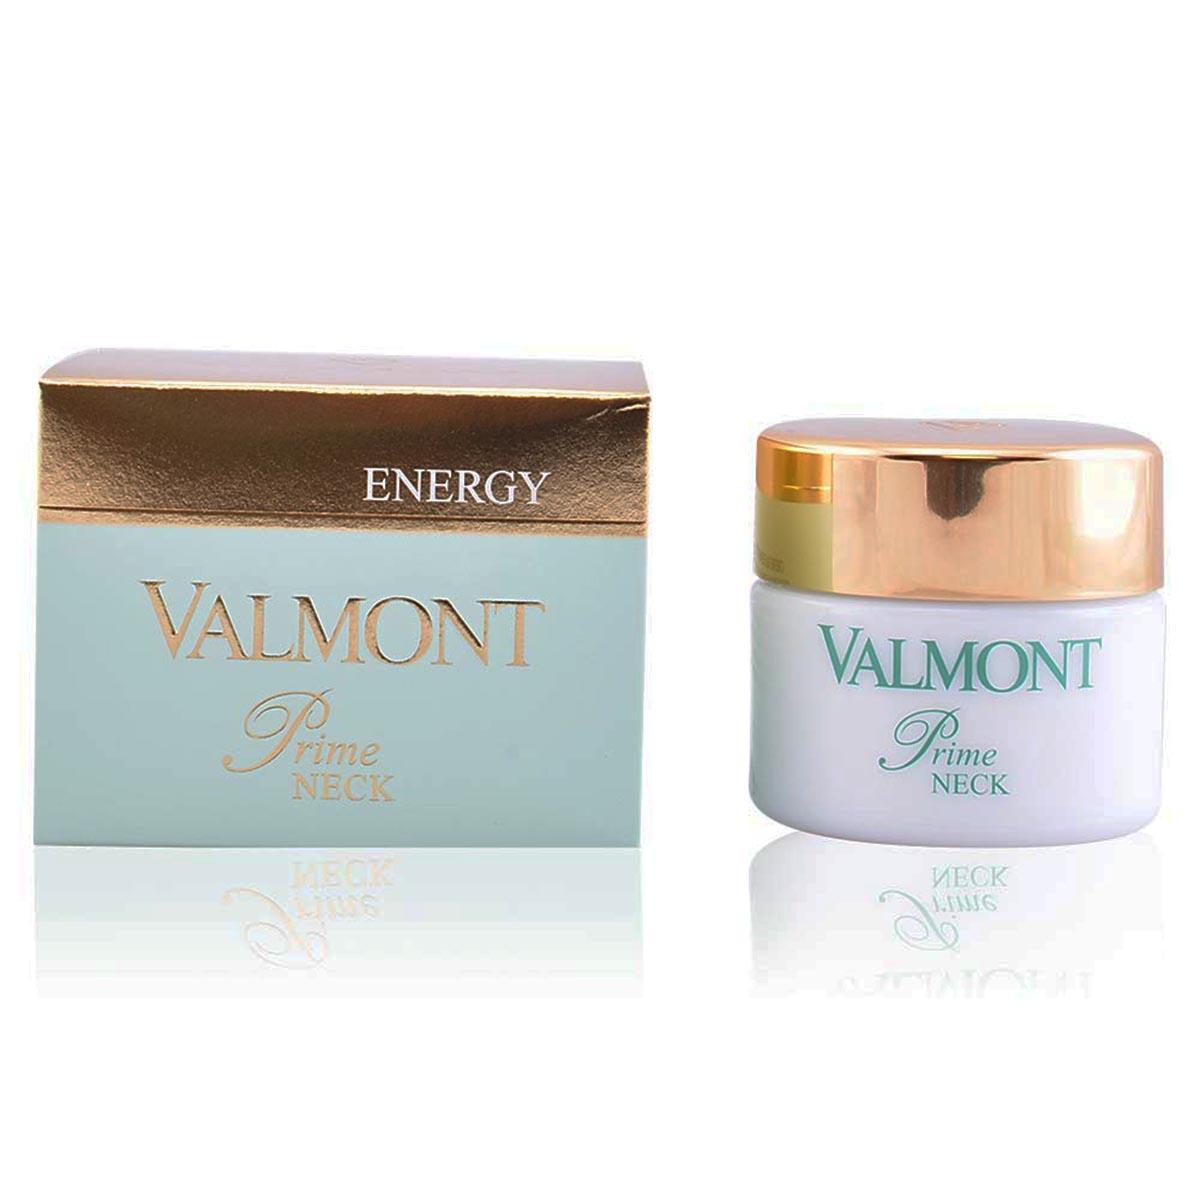 Valmont energy prime neck cream 50ml